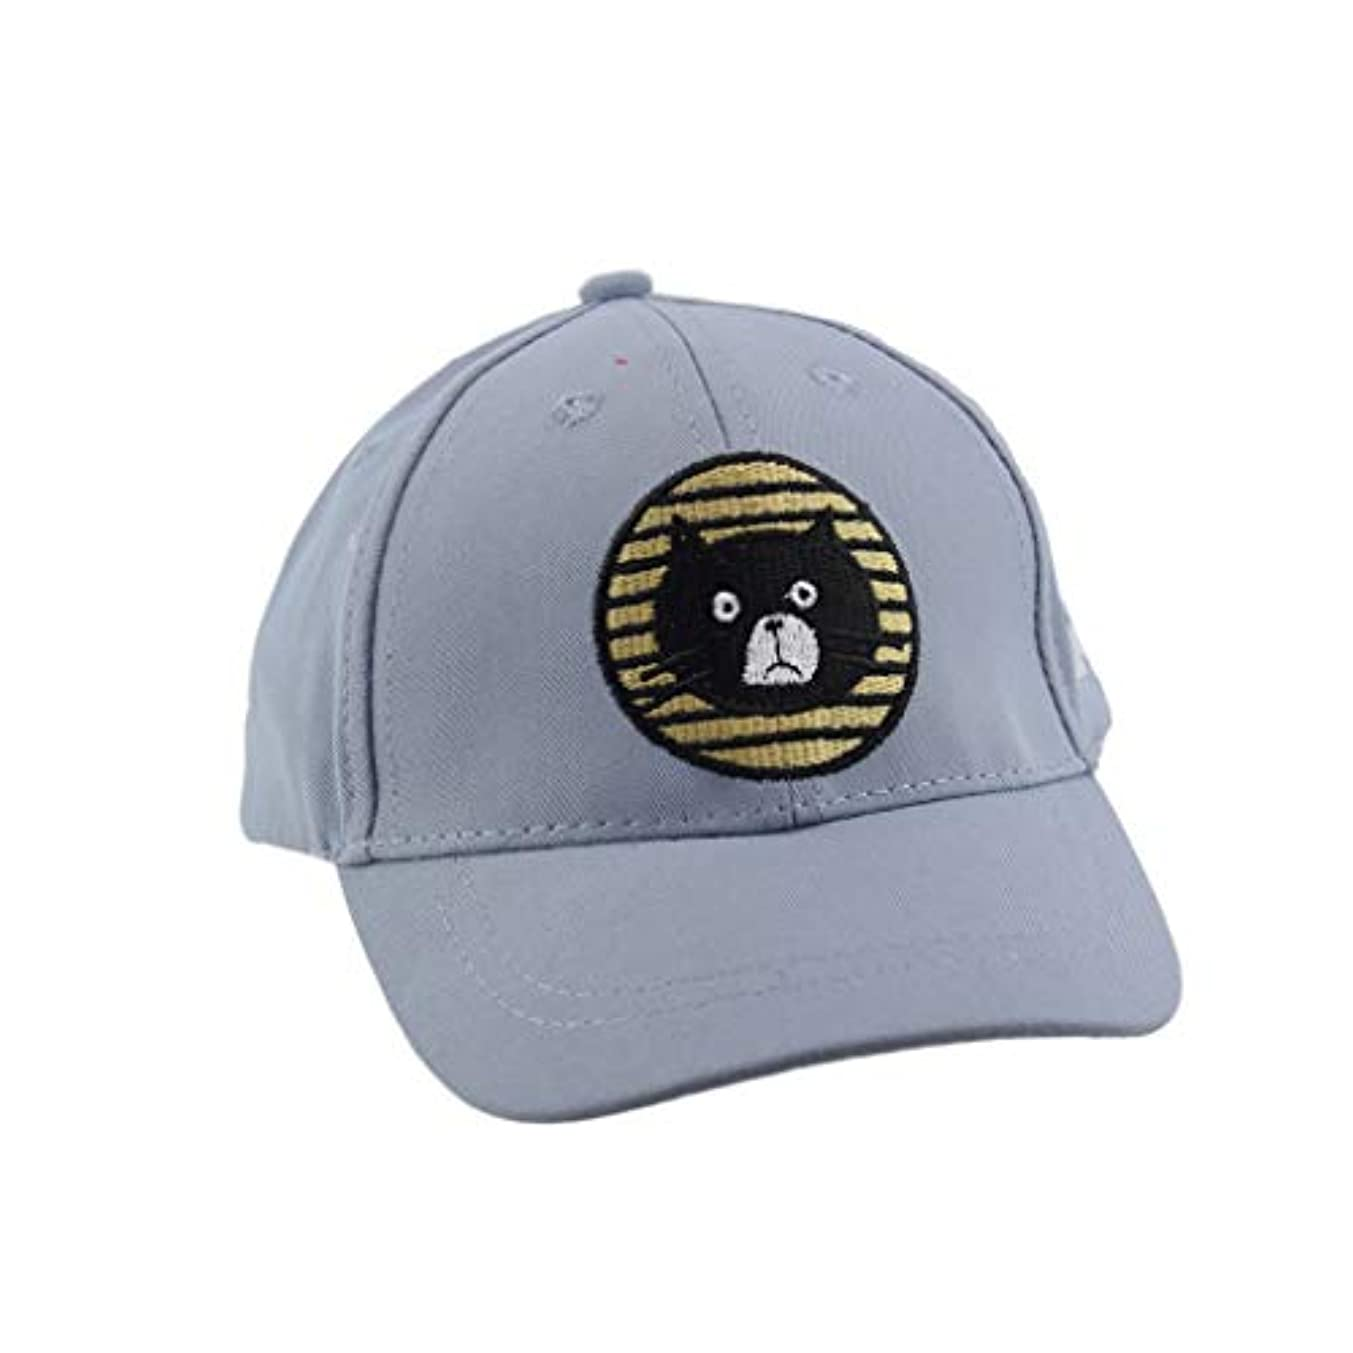 大声でメンタル約Kaiweini 春夏新しい漁夫帽子供しゃれ ベビー帽 通気性抜群 日除け UVカット 紫外線対策スポーツ帽子男女兼用 速乾 軽薄 日よけ野球帽